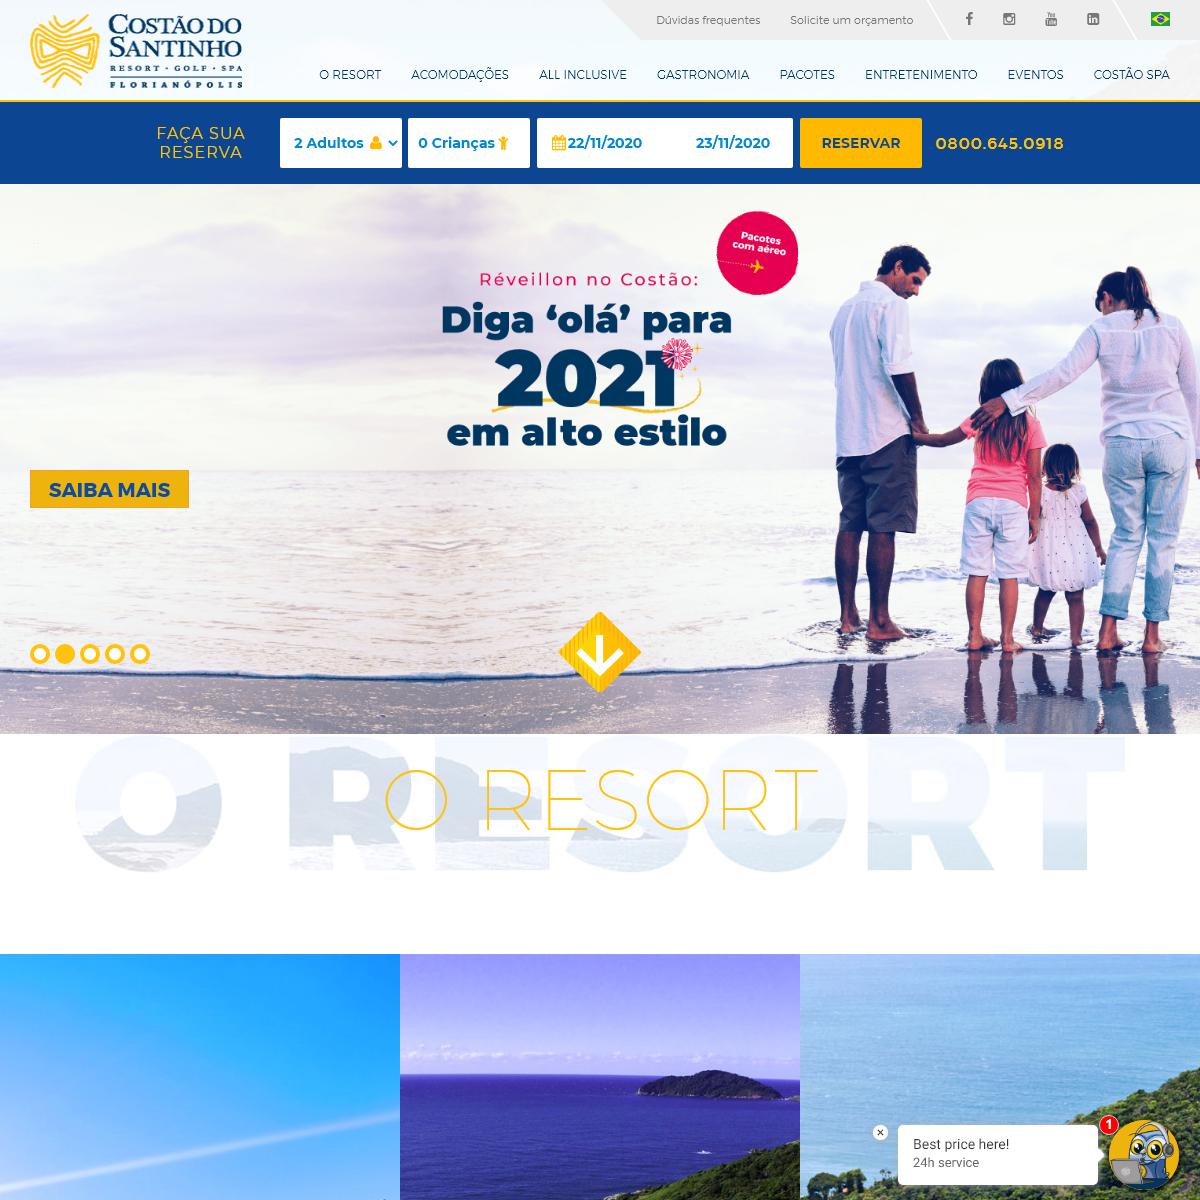 Costão do Santinho Resort - Resort All Inclusive